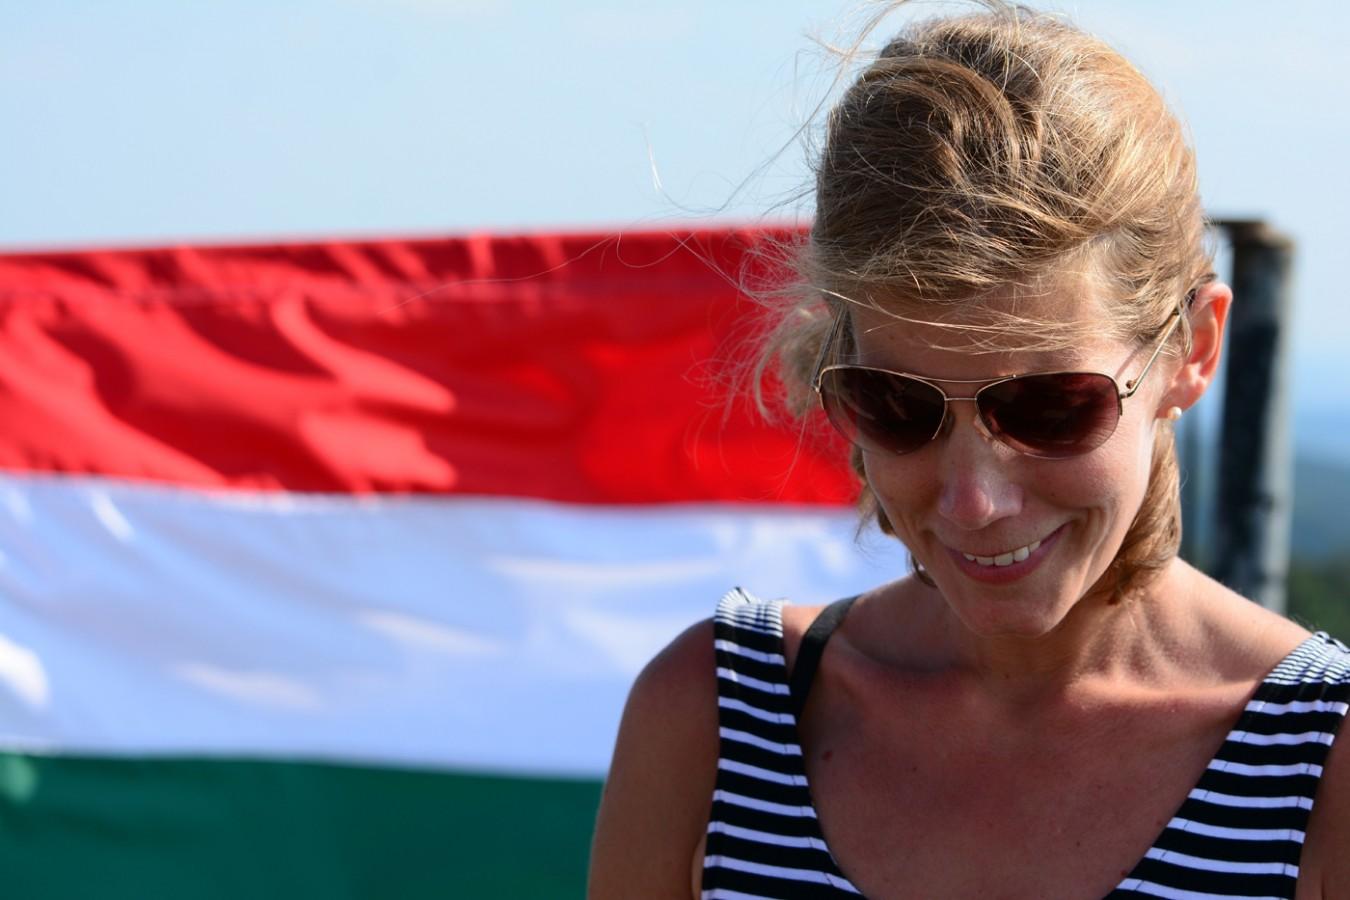 Itthon és otthon, avagy mit jelent számomra Magyarország?